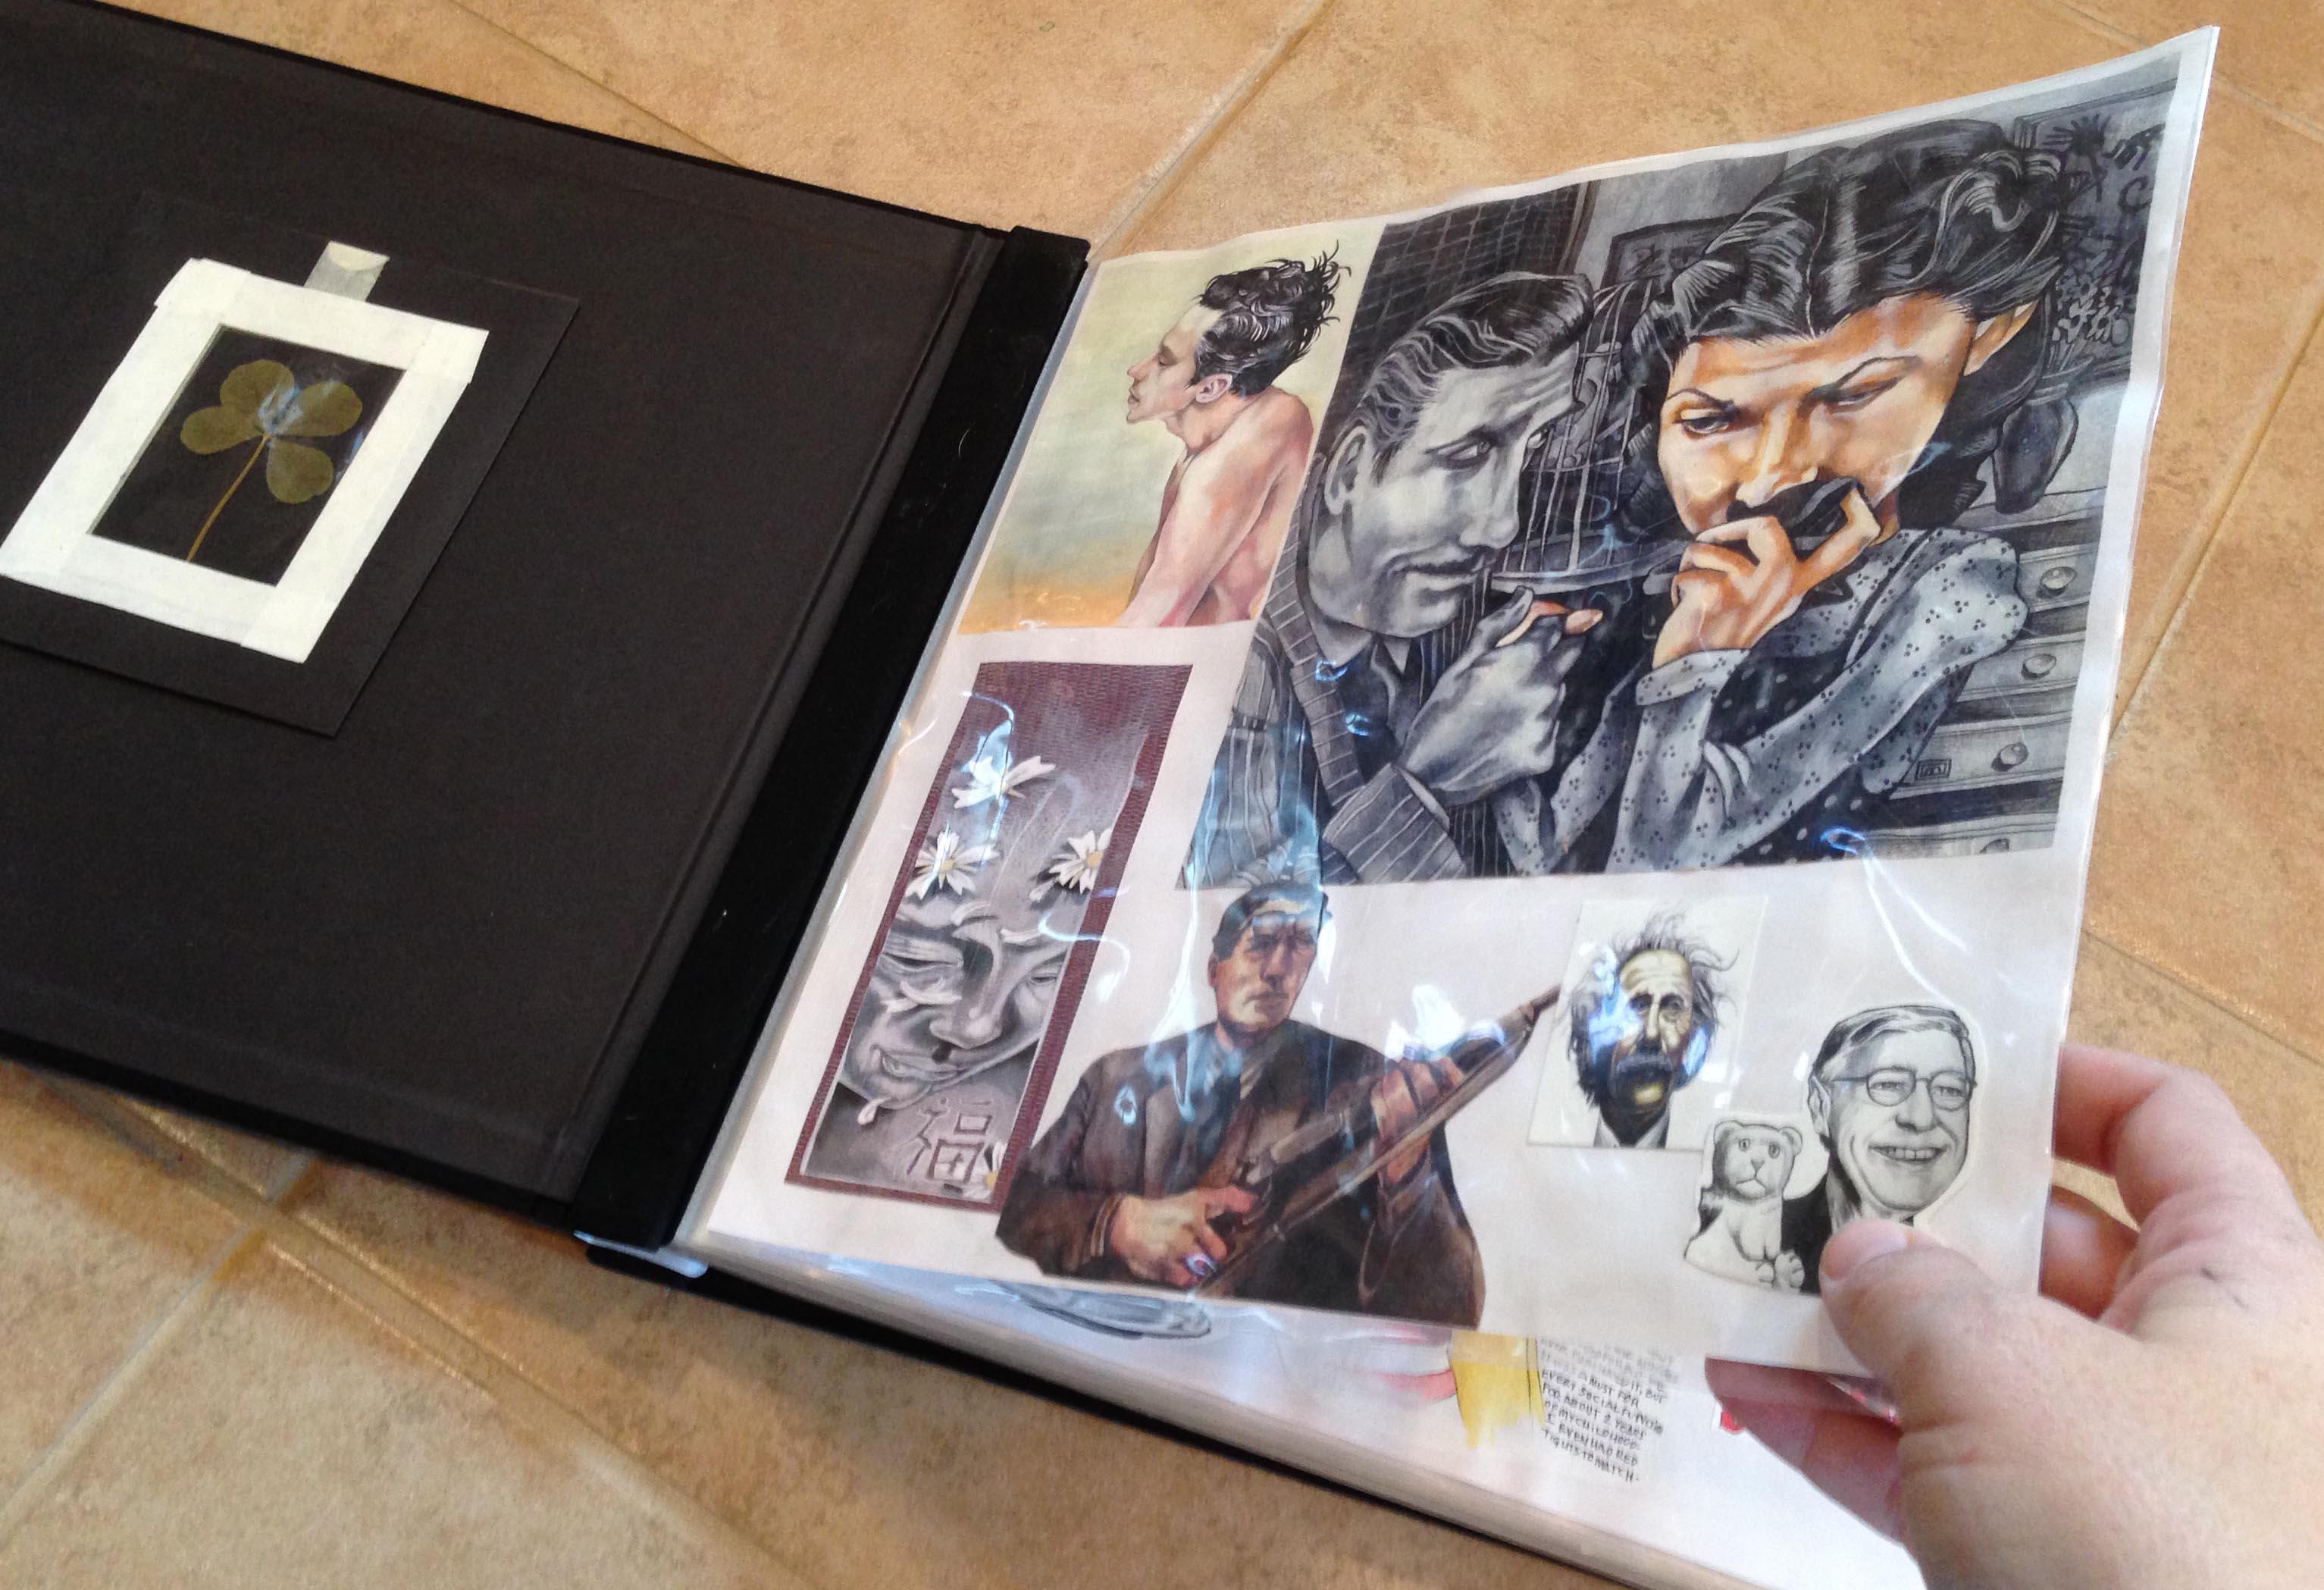 How to scrapbook good - Scrapbook Photo